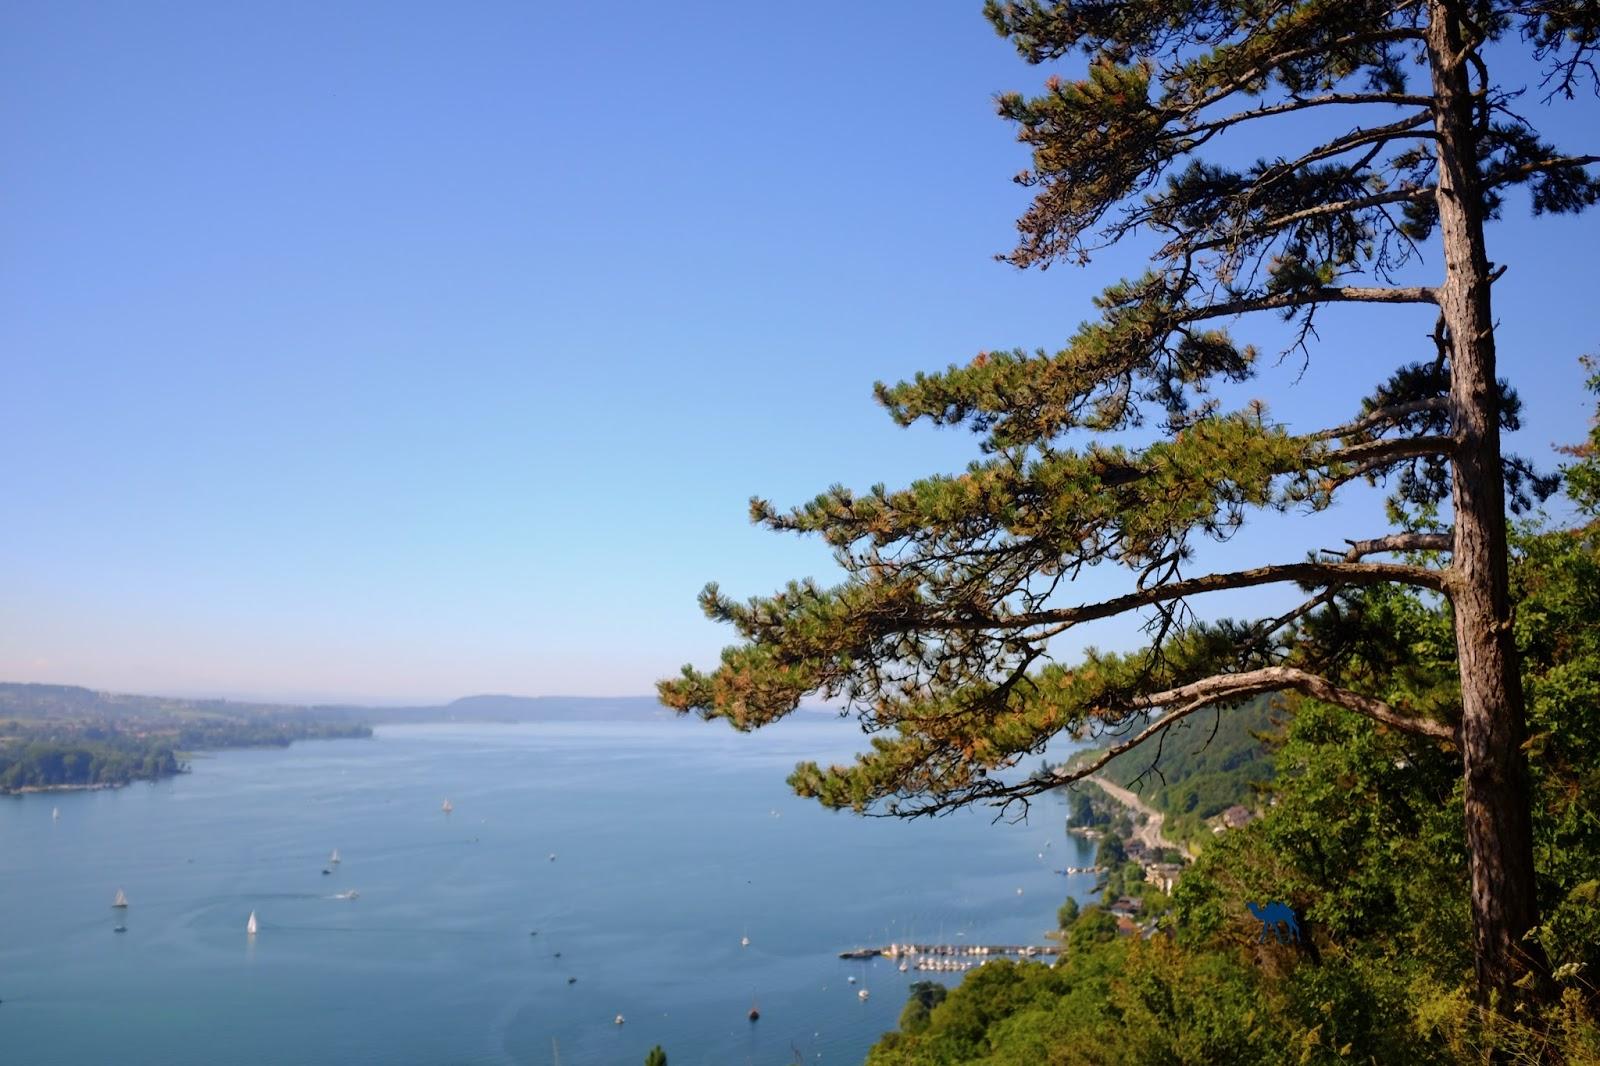 Le Chameau Bleu - Bienne Tourisme Suisse LAC PADDLE ET VIN